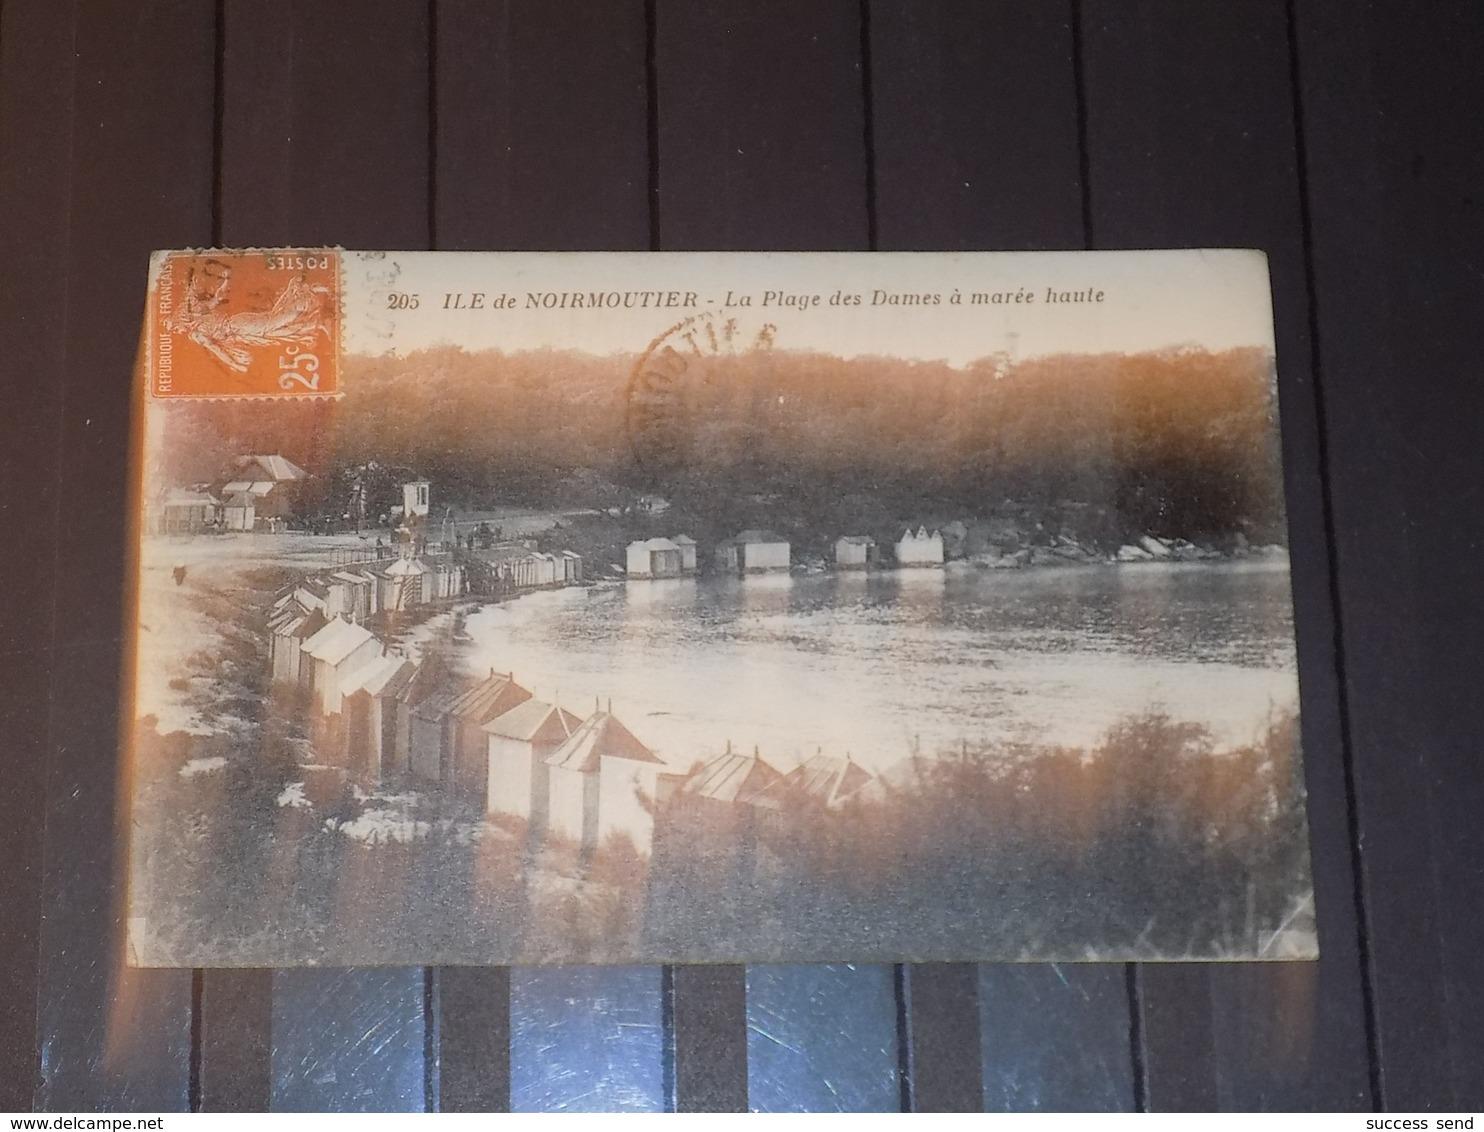 CPA ILE DE NOIRMOUTIER Vendée LA PLAGE DES DAMES - Noirmoutier